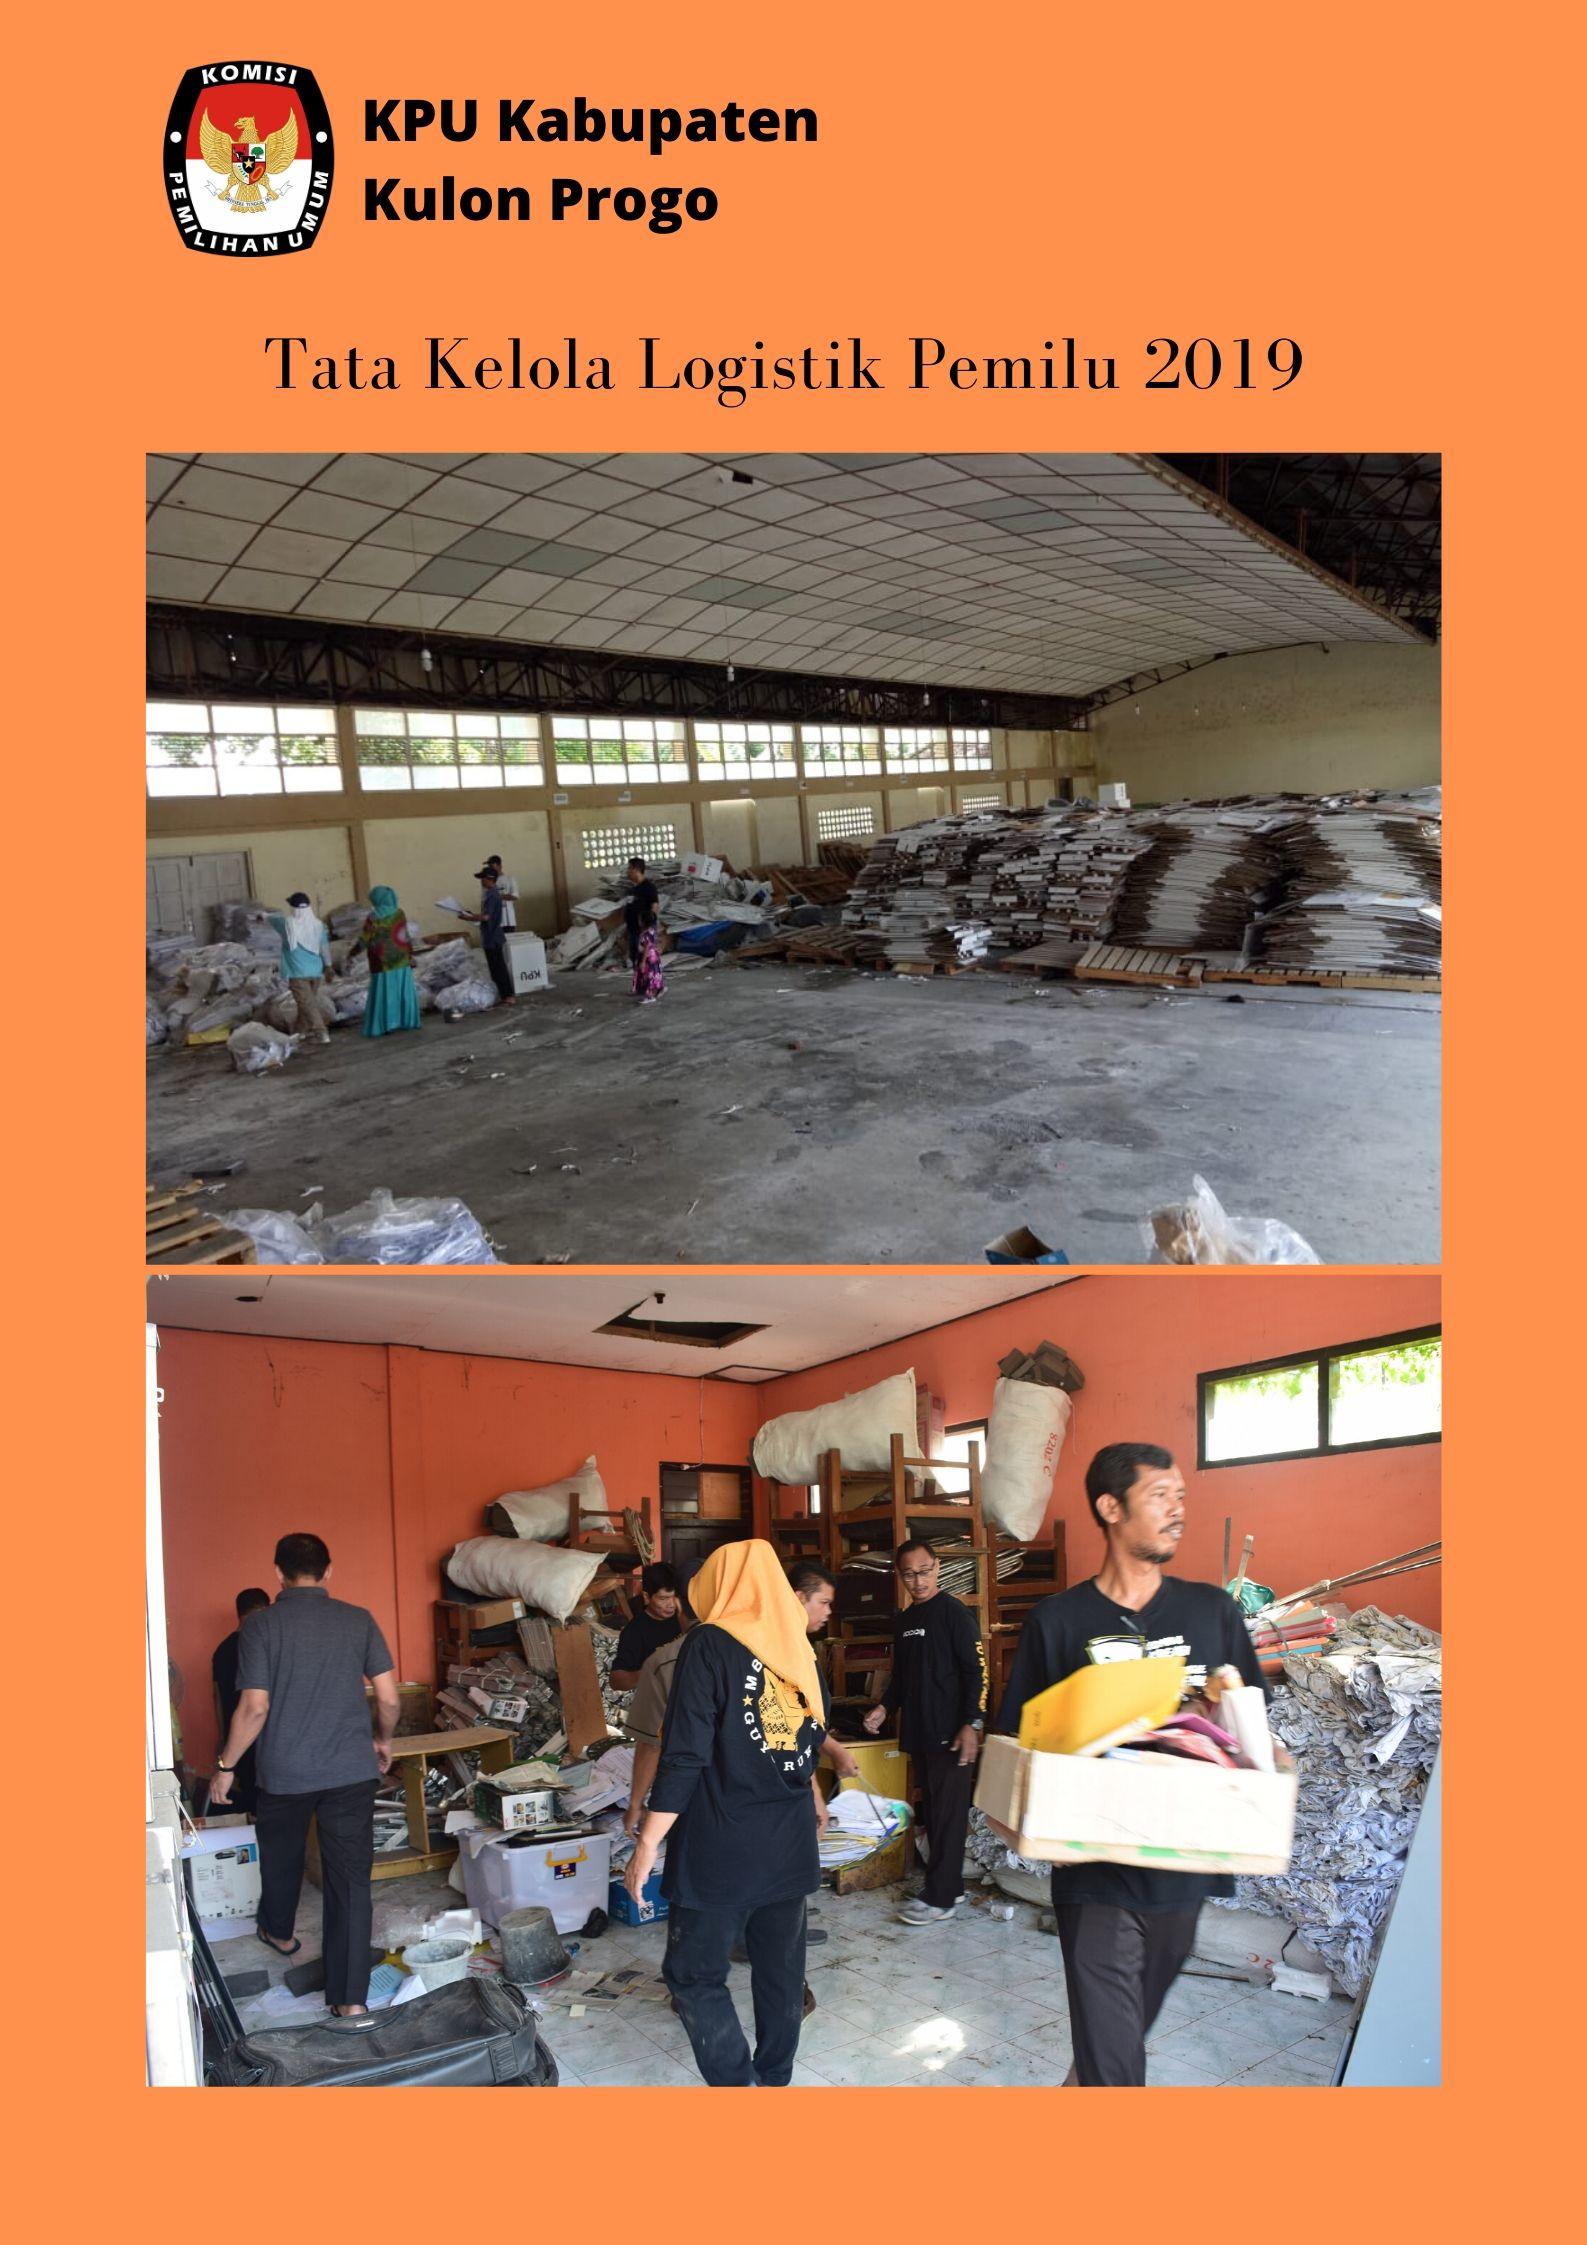 Penyiapan Gudang Logistik Sebagai Upaya KPU Kulon Progo Dalam Tertib Penataan Logistik Pemilu 2019